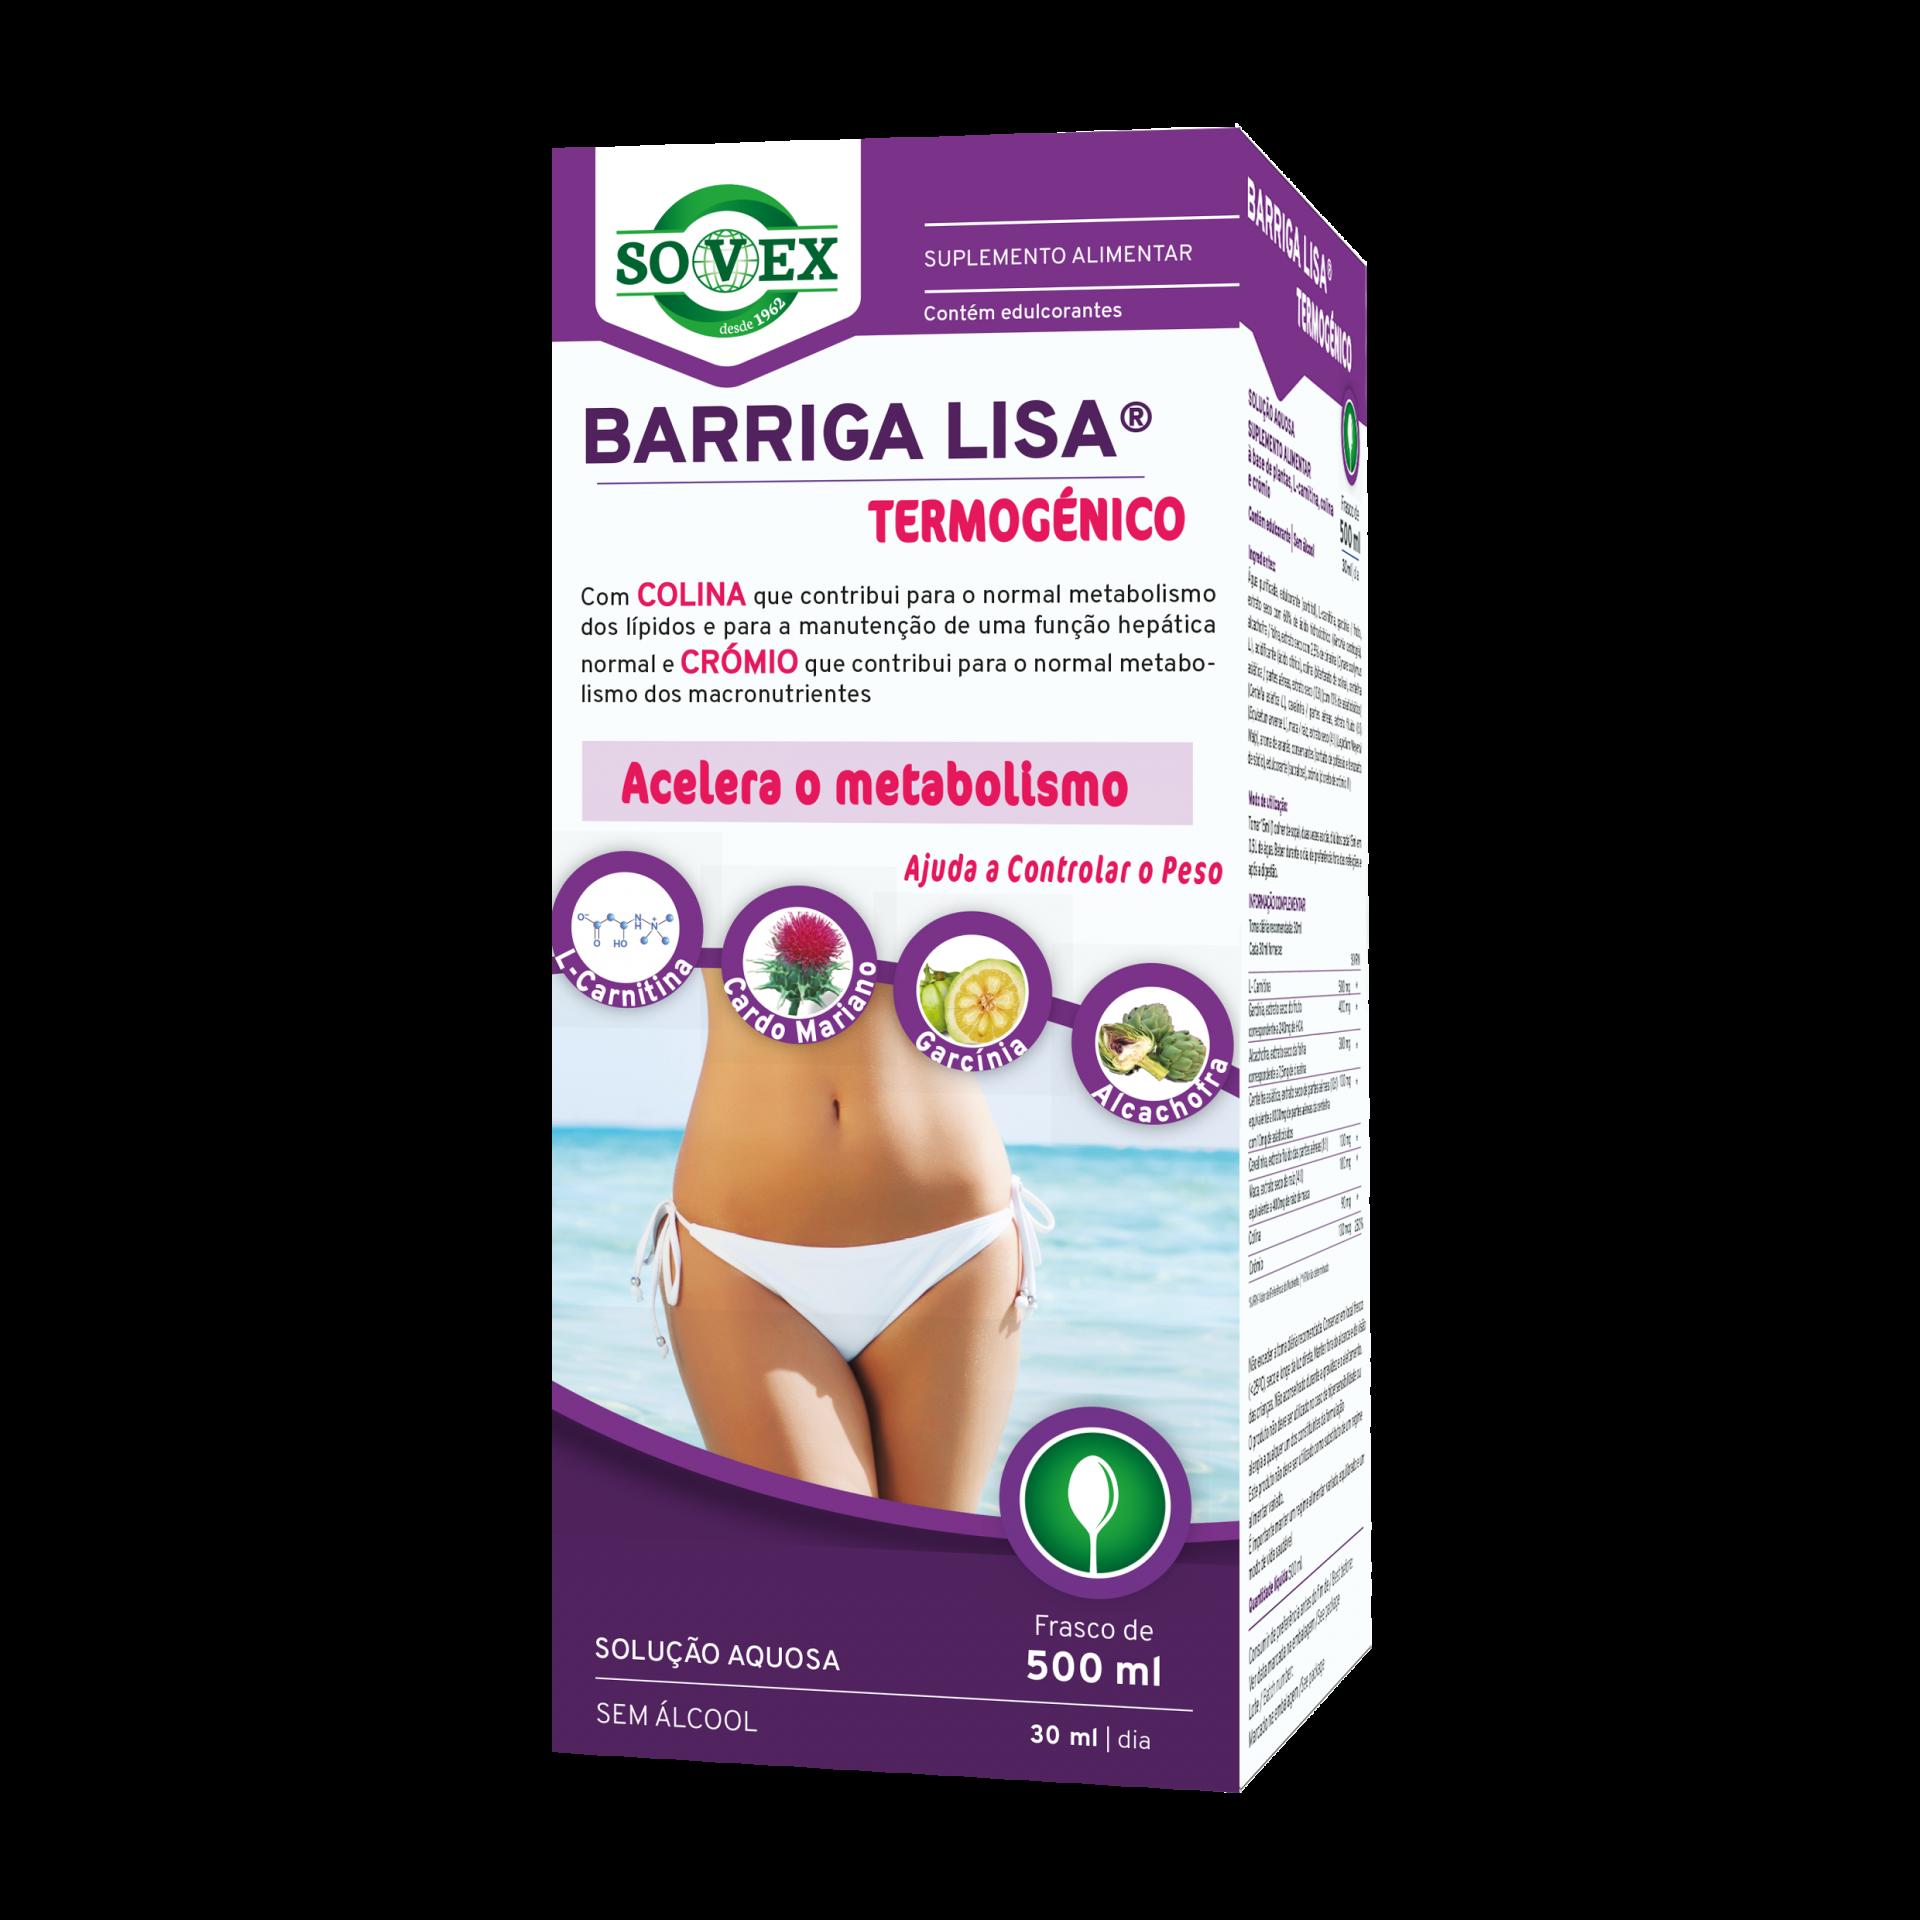 Barriga Lisa® Termogénico